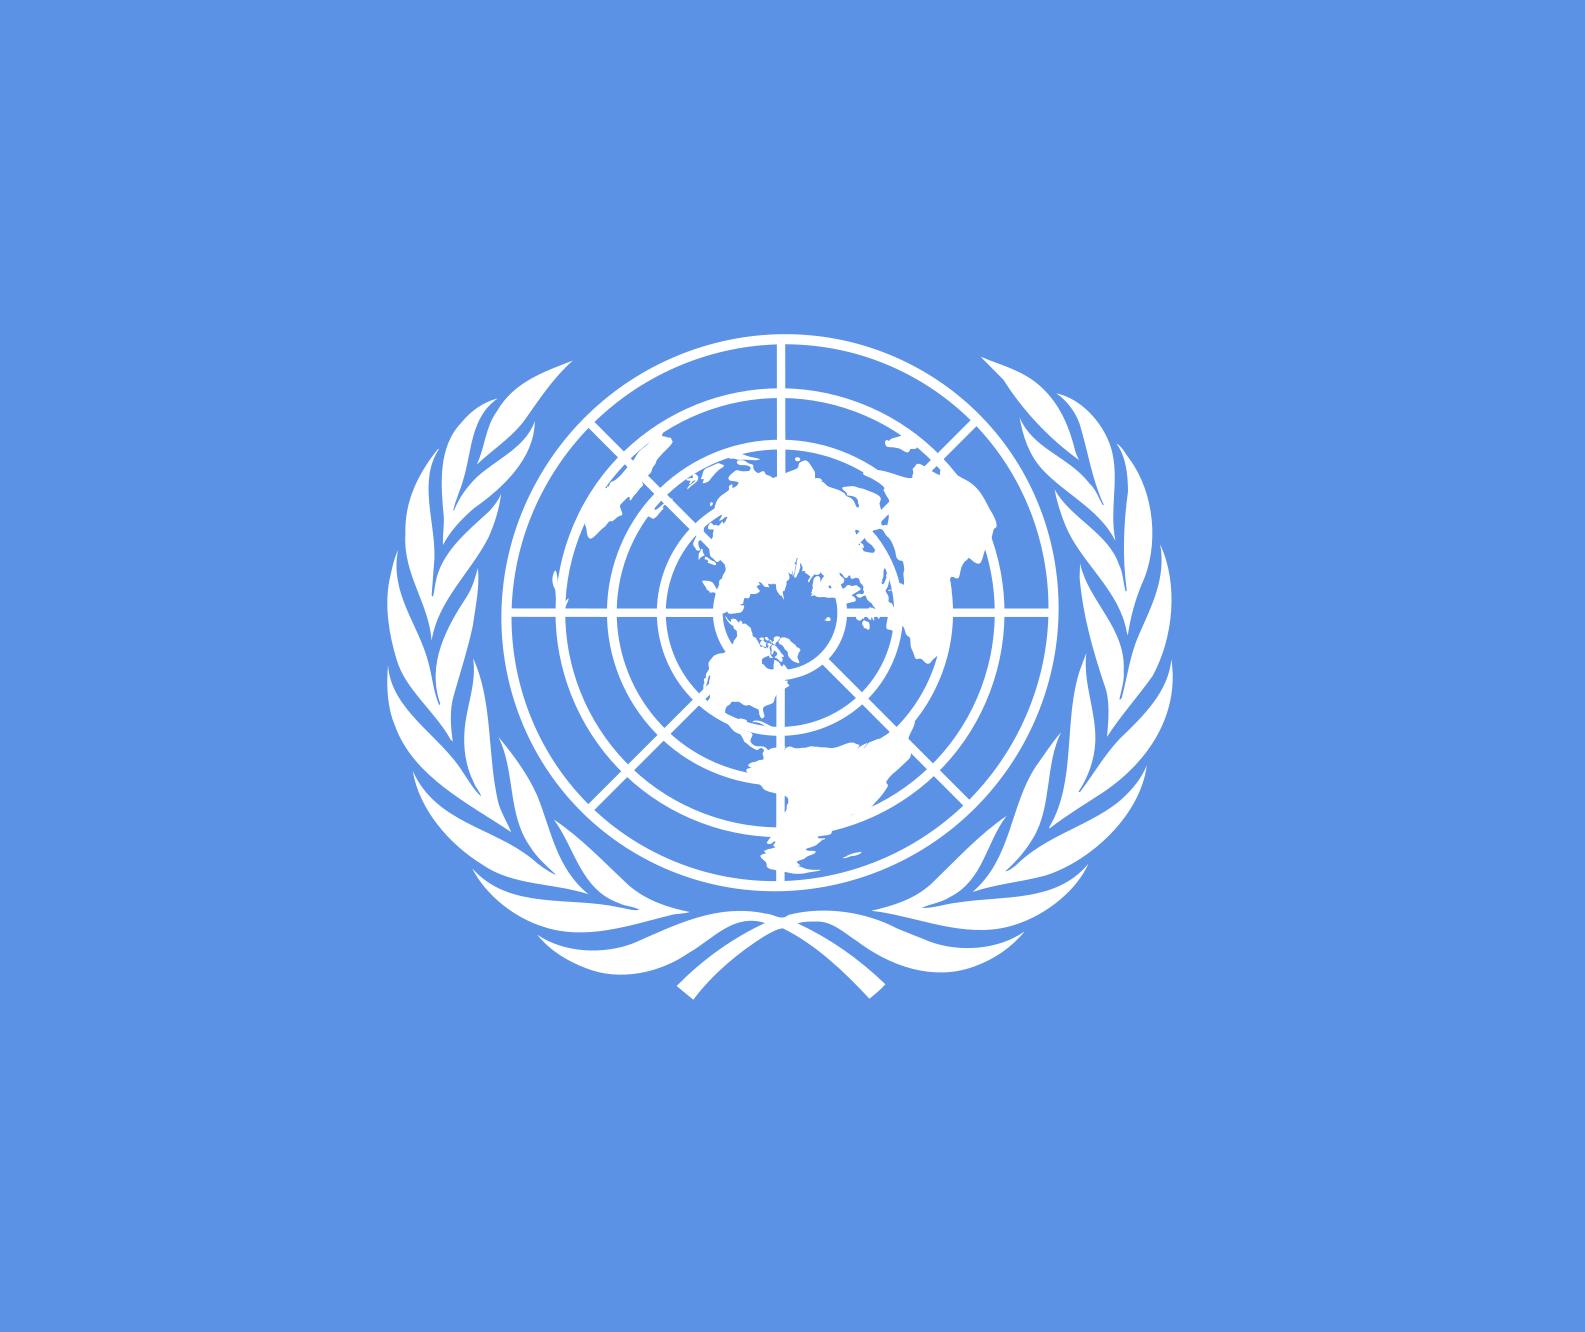 ONU está fazendo pesquisa para saber a opinião das pessoas sobre temas delicados